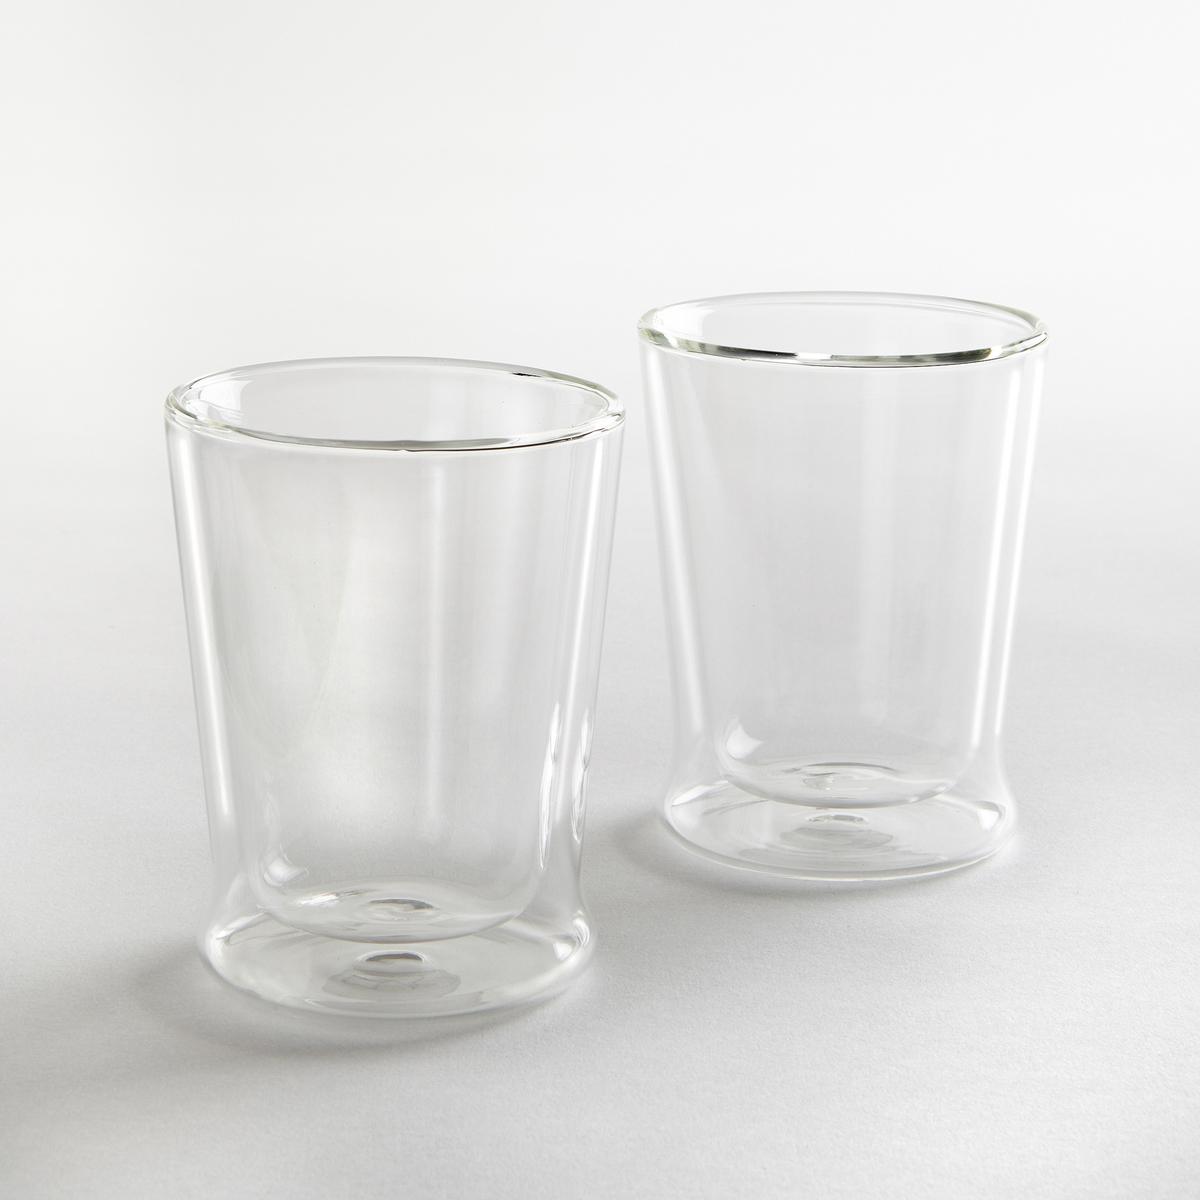 Комплект из 2 стеклянных чашек с двойными стенками